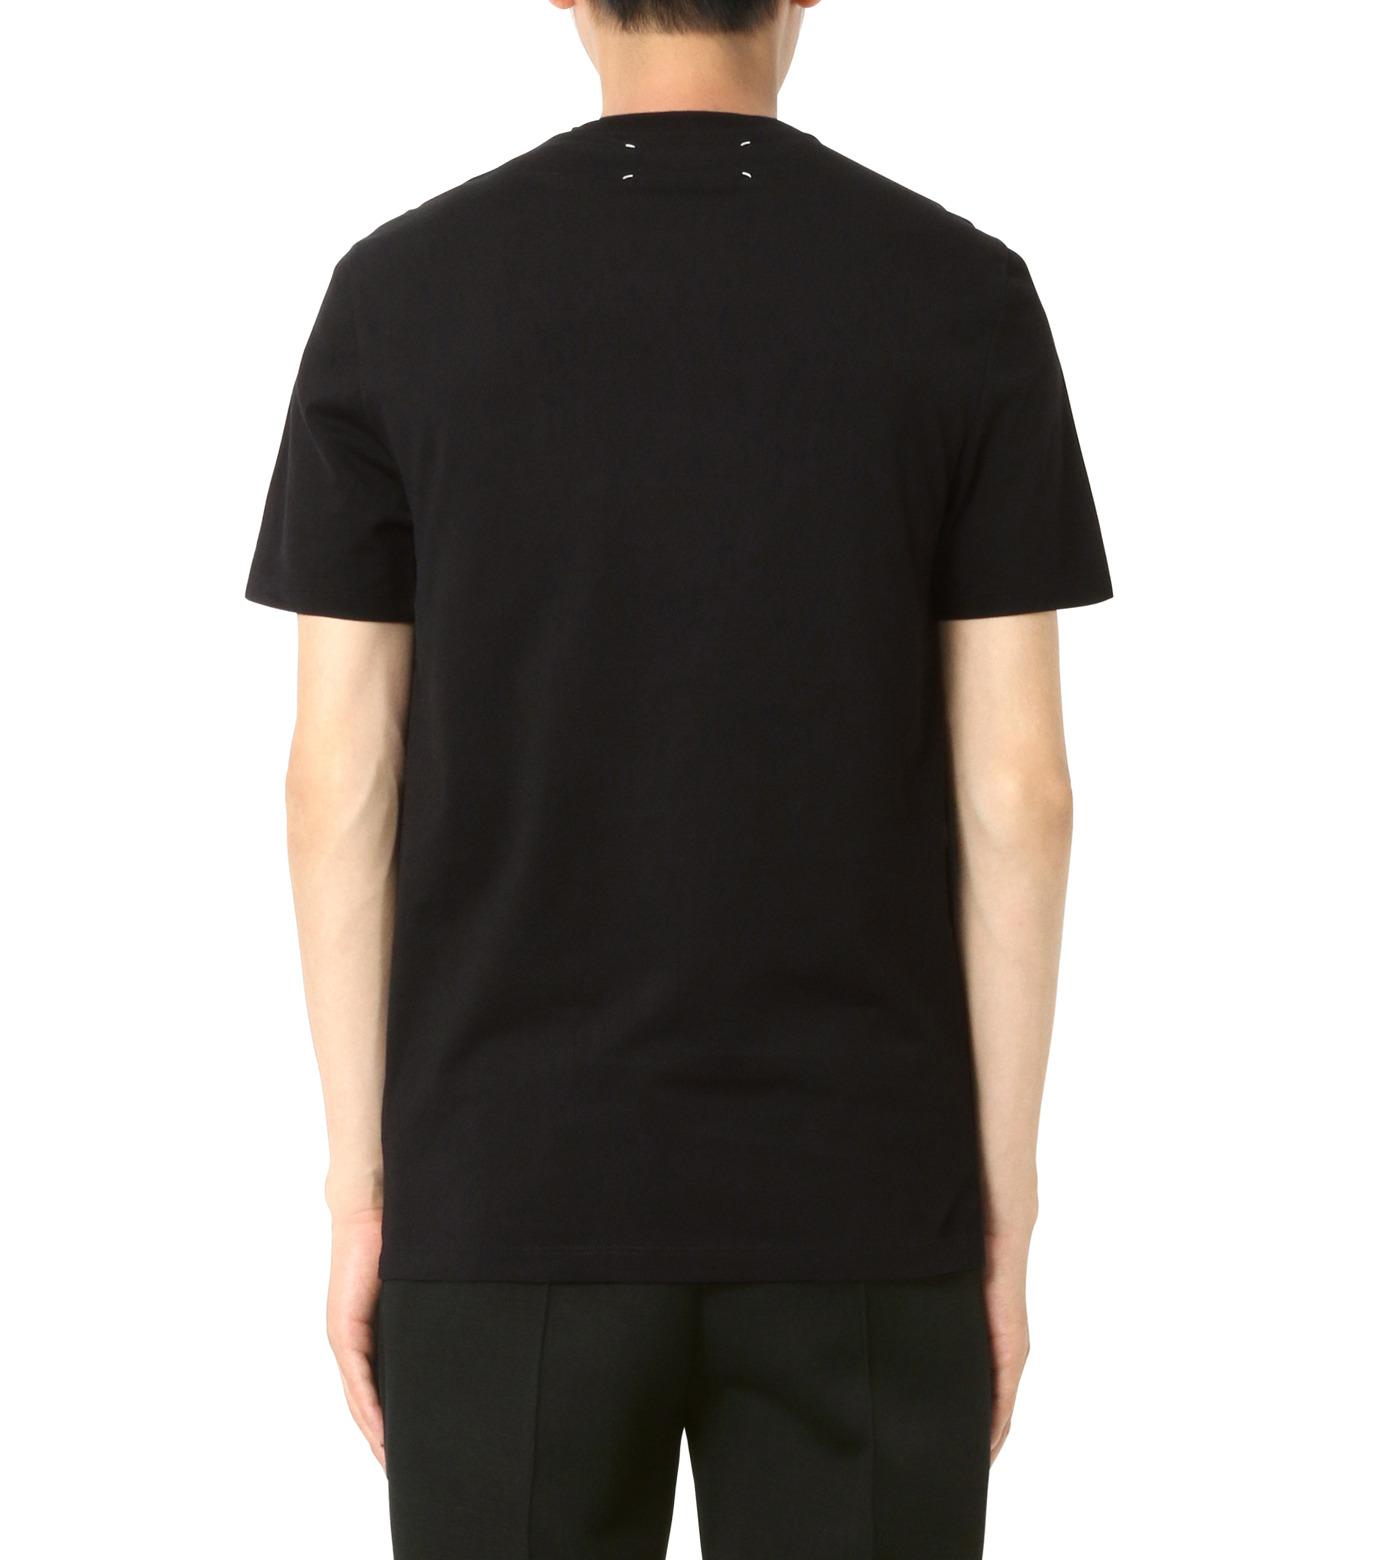 Maison Margiela(メゾン マルジェラ)のPrint T-BLACK(カットソー/cut and sewn)-S30GC0583-13 拡大詳細画像2